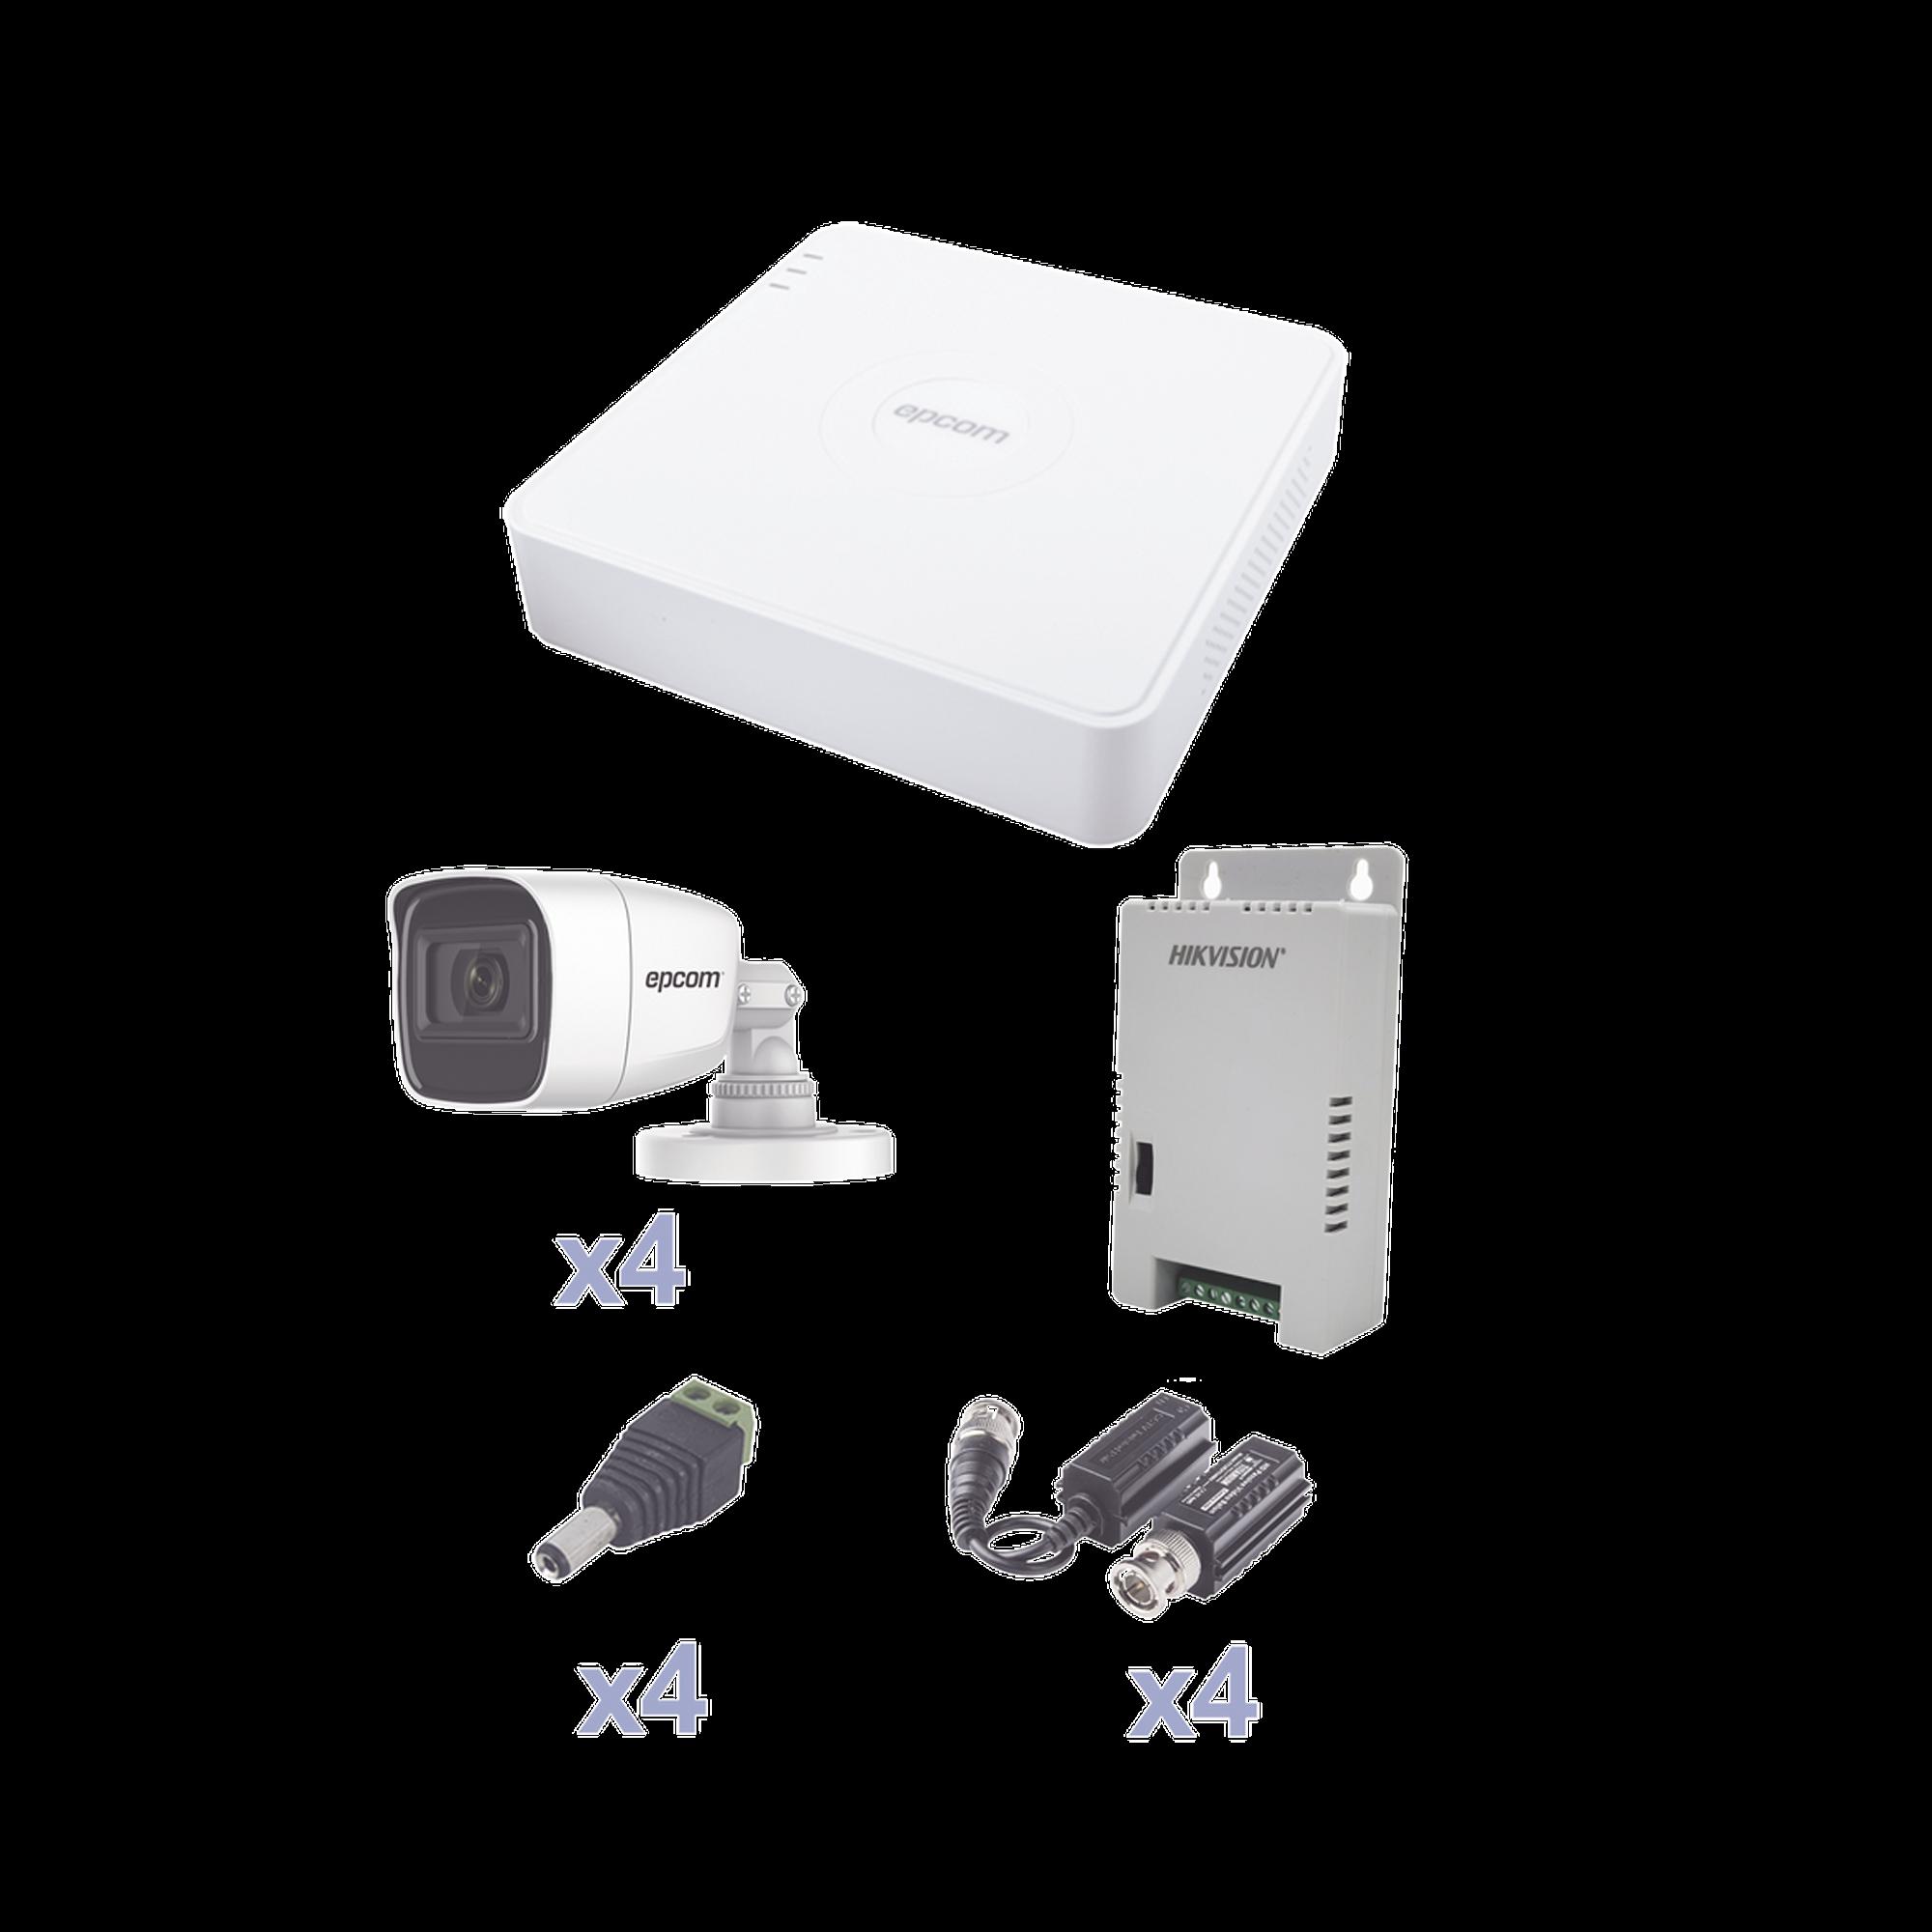 KIT TurboHD con Audio 1080p / DVR 4 Canales / 4 Cámaras Bala (exterior 2.8 mm) / Transceptores / Conectores / Fuente de Poder / AUDIO POR COAXITRON